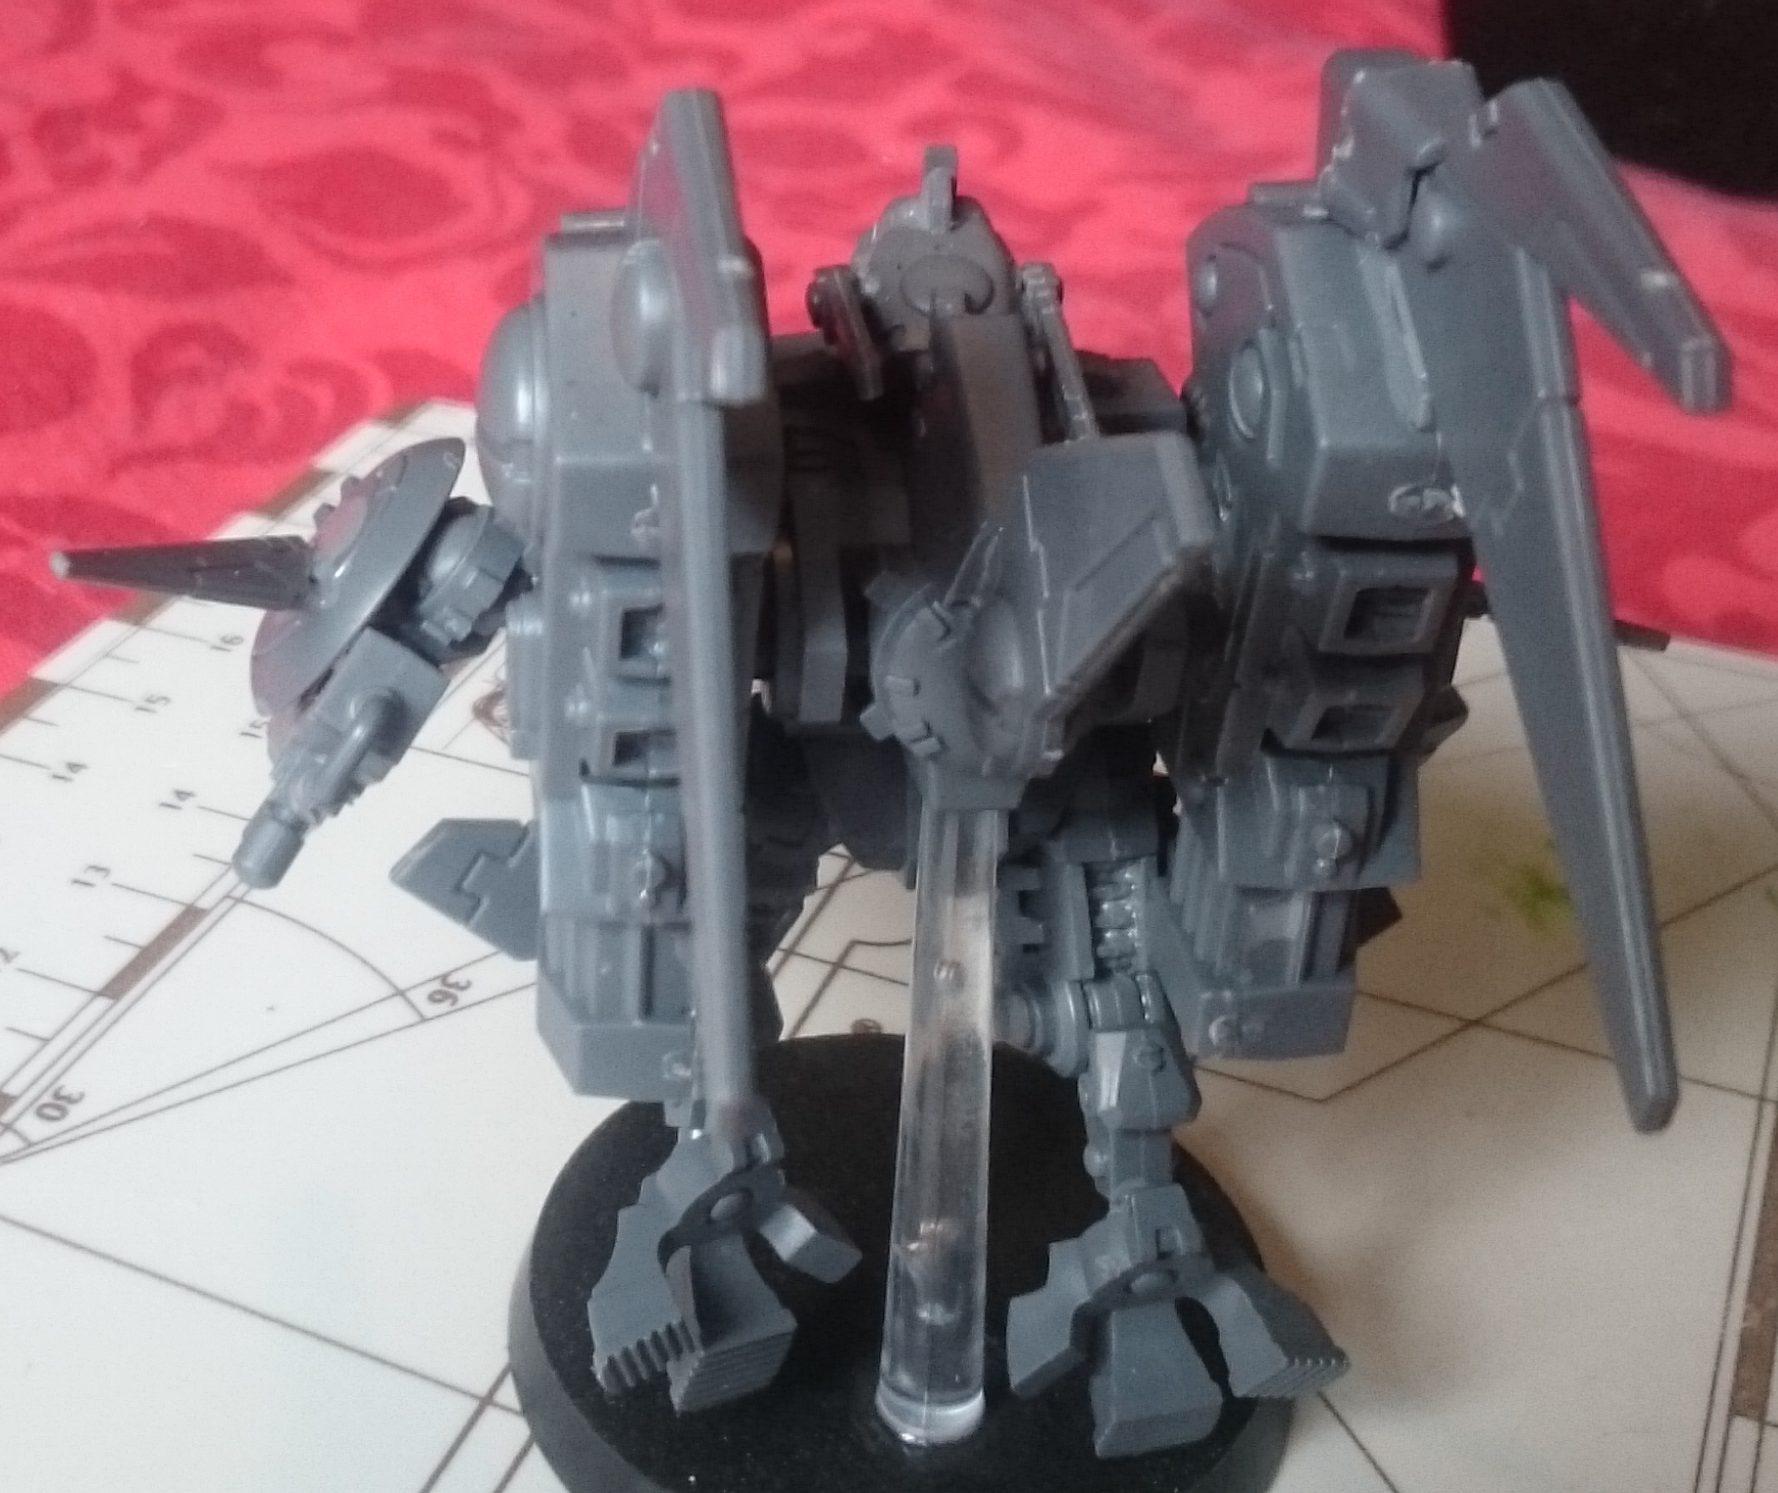 Commander Sha'vastos